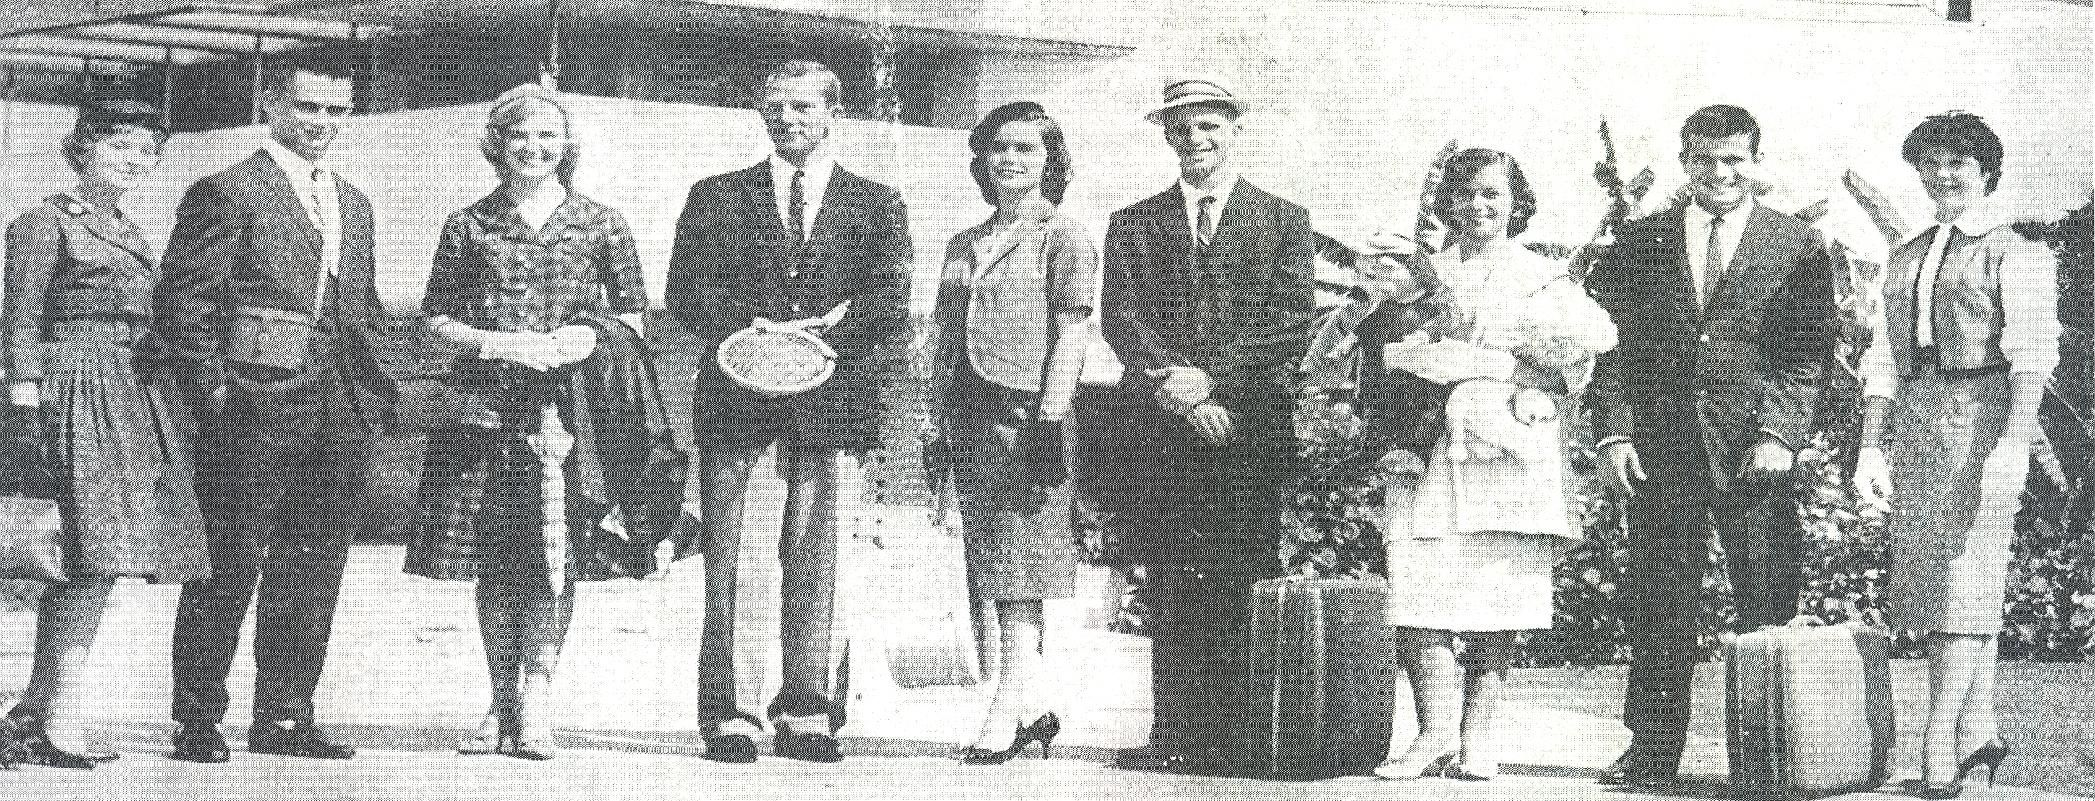 proper attire 1960's - Google Search